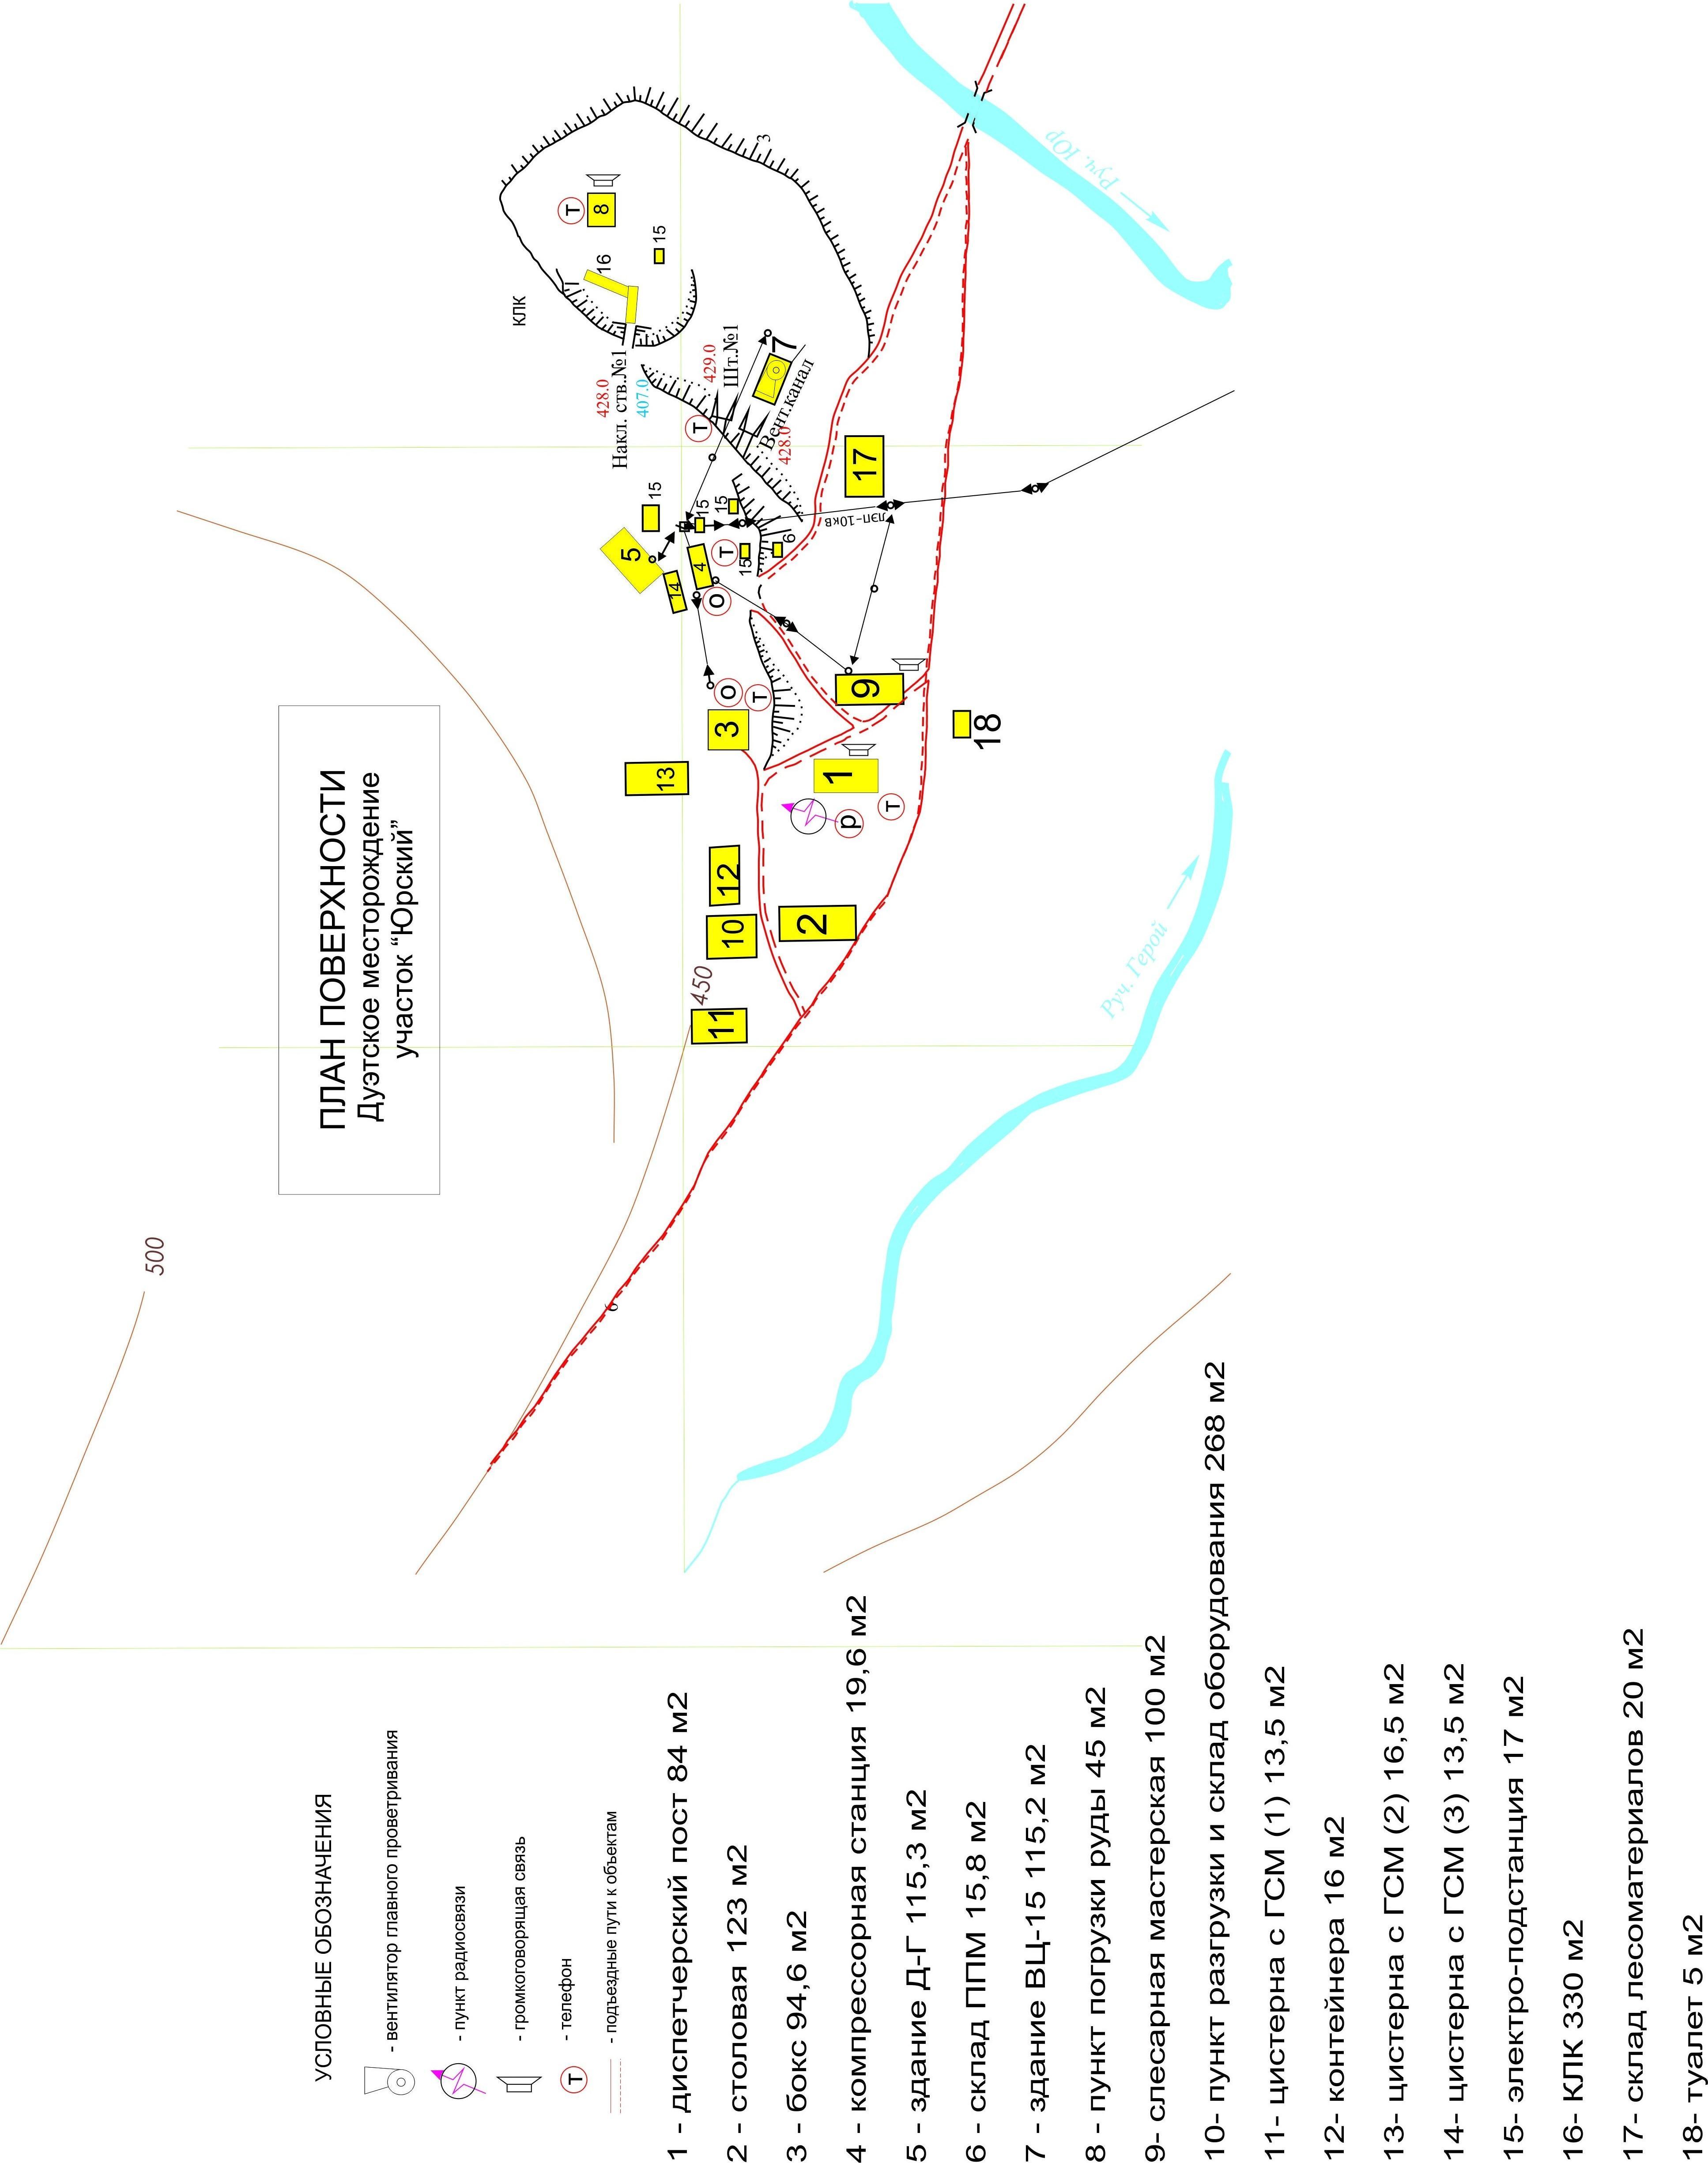 Панельная схема вскрытия шахтного поля